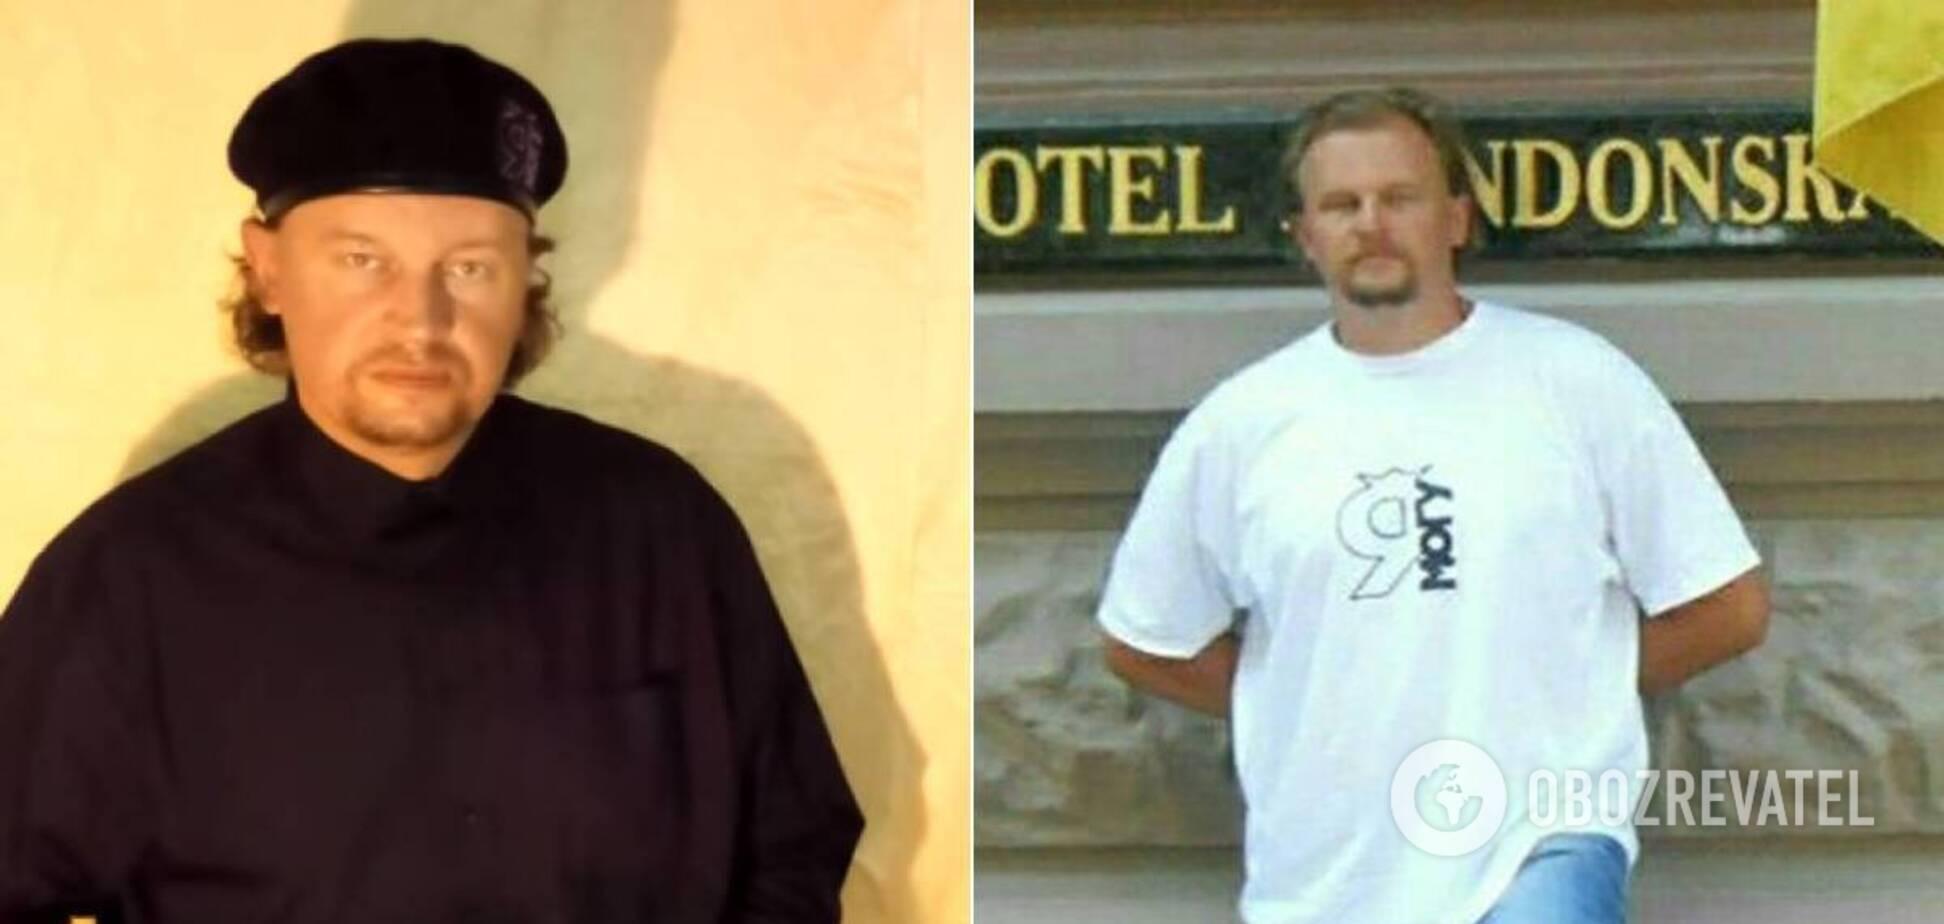 Всплыло настоящее имя луцкого террориста: он родился в России